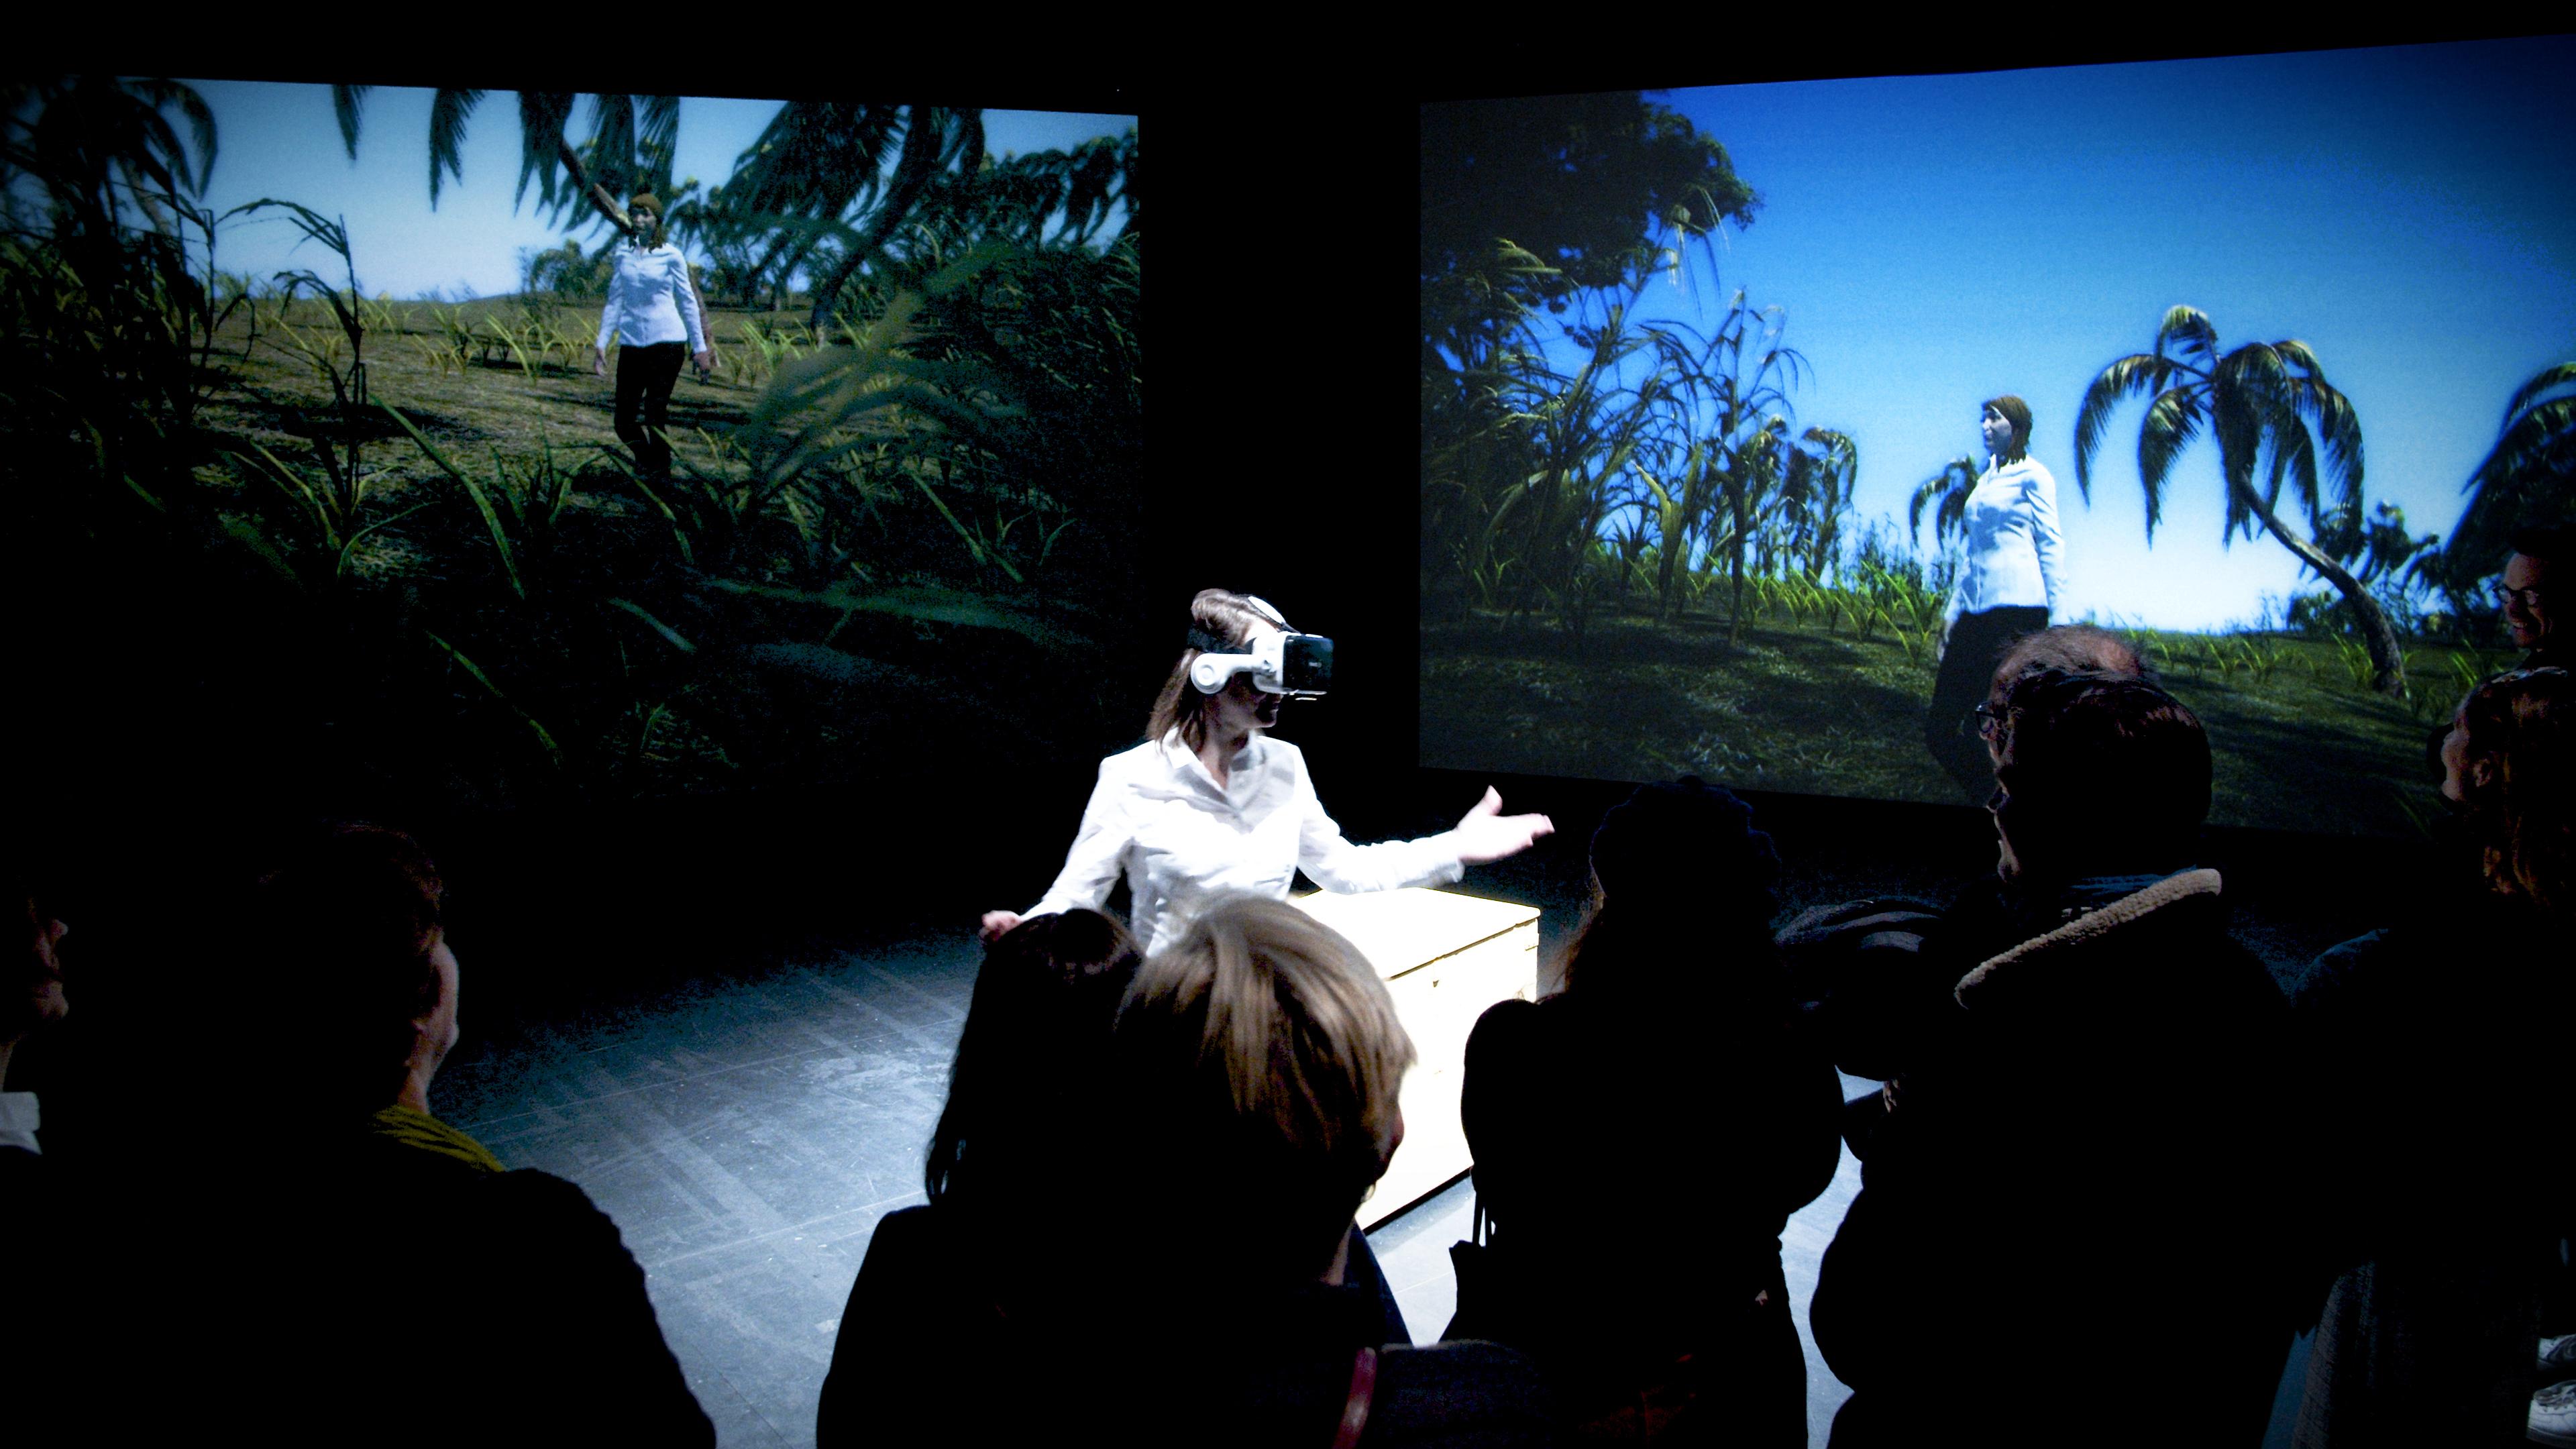 Fossil Futures est un projet artistique qui retrace les histoires et les pratiques enchevêtrées de la muséologie, du patrimoine culturel, de la propriété publique et de la reproduction numérique. Les artistes Nikolai Nelles et Nora Al-Badri sont connus pour avoir utilisé les outils de musées d'histoire naturelle, ainsi que des fuites de données, l'intelligence artificielle (IA) et la numérisation 3D, afin de réinventer des fossiles et des reliques en l'absence d'accès à de véritables artefacts. Le projet demande aux téléspectateurs de remettre en question l'authenticité du récit culturel d'une nation et cherche à construire des visions émancipatrices alternatives en utilisant les technologies d'accès aux données d'aujourd'hui faciles à utiliser. La dernière version de Fossil Futures est une reproduction complète de l'environnement tanzanien de Tendaguru Hill en Tanzanie, qui sert de décor à une pièce de théâtre immersive écrite et dirigée par l'un des artistes. (credits: Nora Al-Badri, Jan Nikolai Nelles / Ars Electronica / Flickr Creative Commons Attribution-NonCommercial-NoDerivs 2.0 Generic (CC BY-NC-ND 2.0))